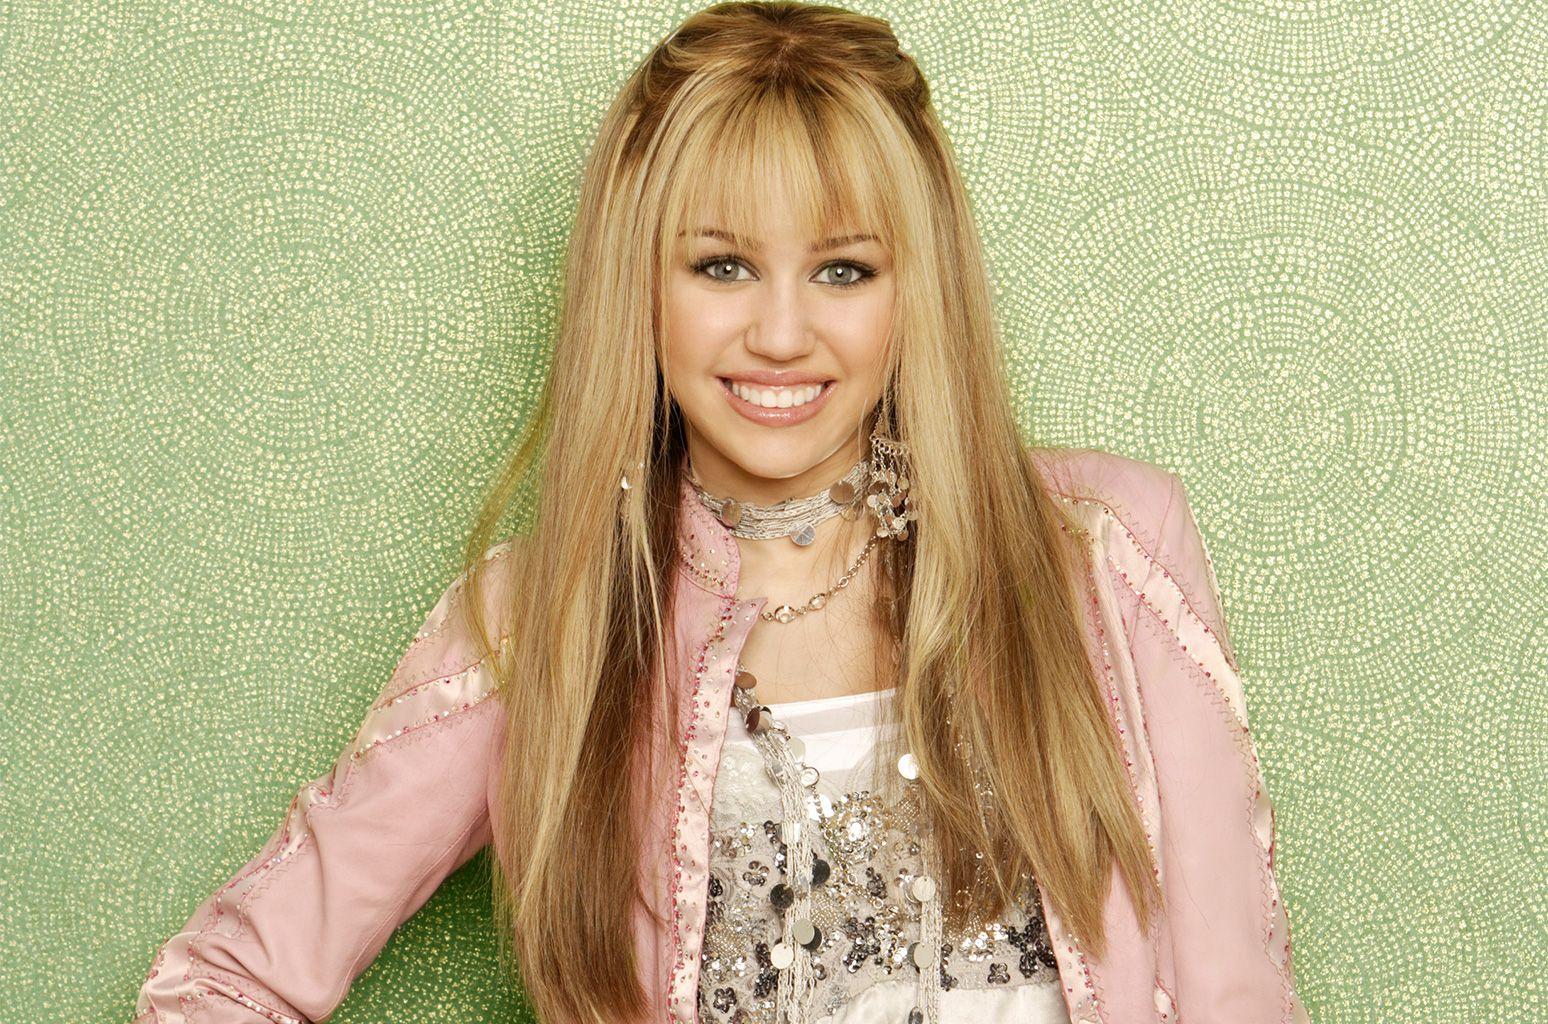 Miley Cyrus as Miley/Hannah on Hannah Montana felt ridiculous because she was grown up.